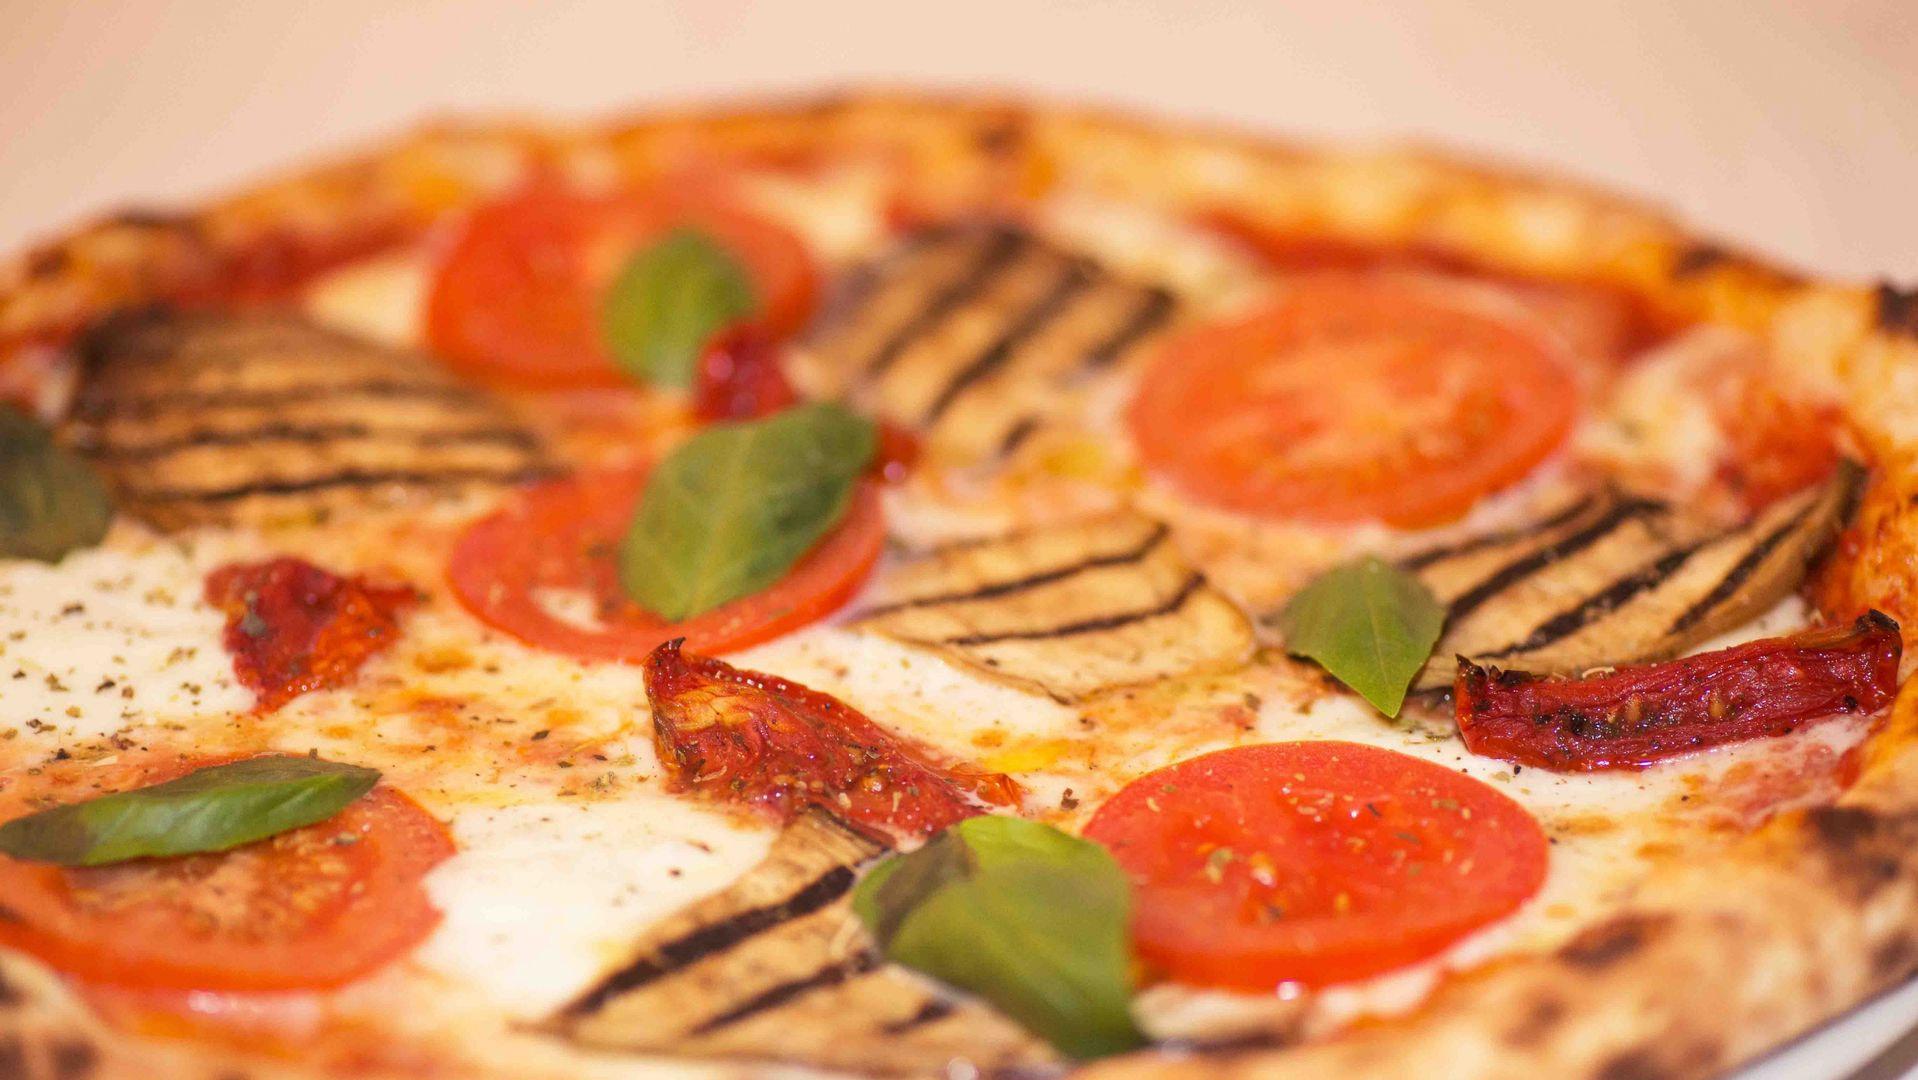 pizzeria spizzicoteca michelangelo, pizza, prodotti rovagnati, prodotti italiani, winebar, pizza gourmet, vino, salumi e prosciutti, rovagnati, degustazioni, degustazione birra, michelangelo, ristorante michelangelo, ristorante ticino, ristorante lugano, lugano